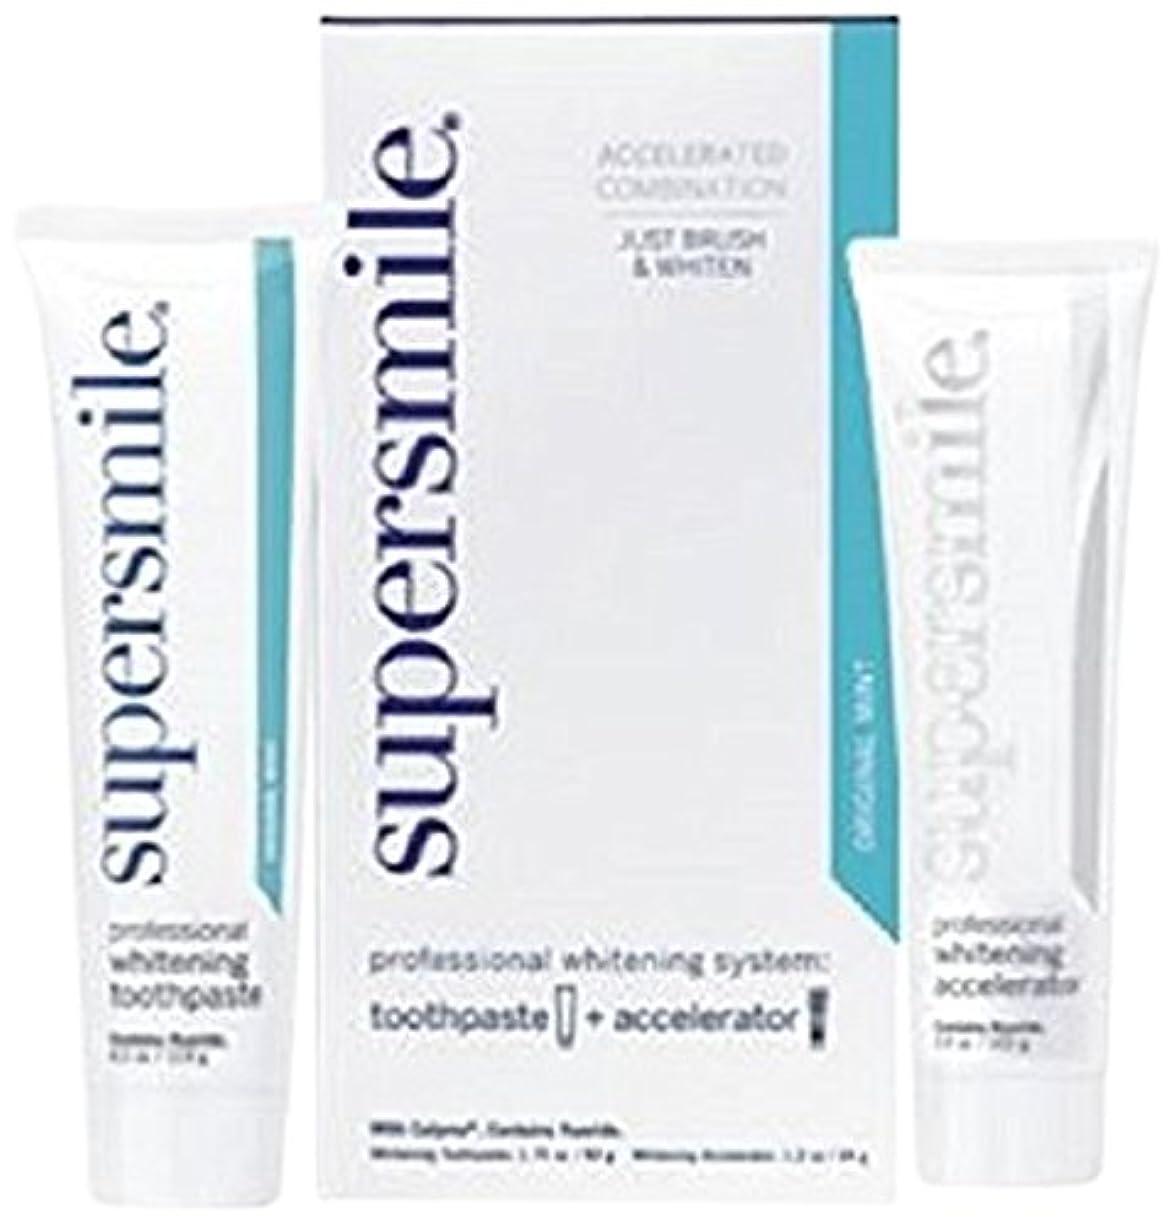 無限大全くメイエラSupersmile Professional Whitening System: Toothpaste 50g/1.75oz + Accelerator 34g/1.2oz - 2pcs by SuperSmile